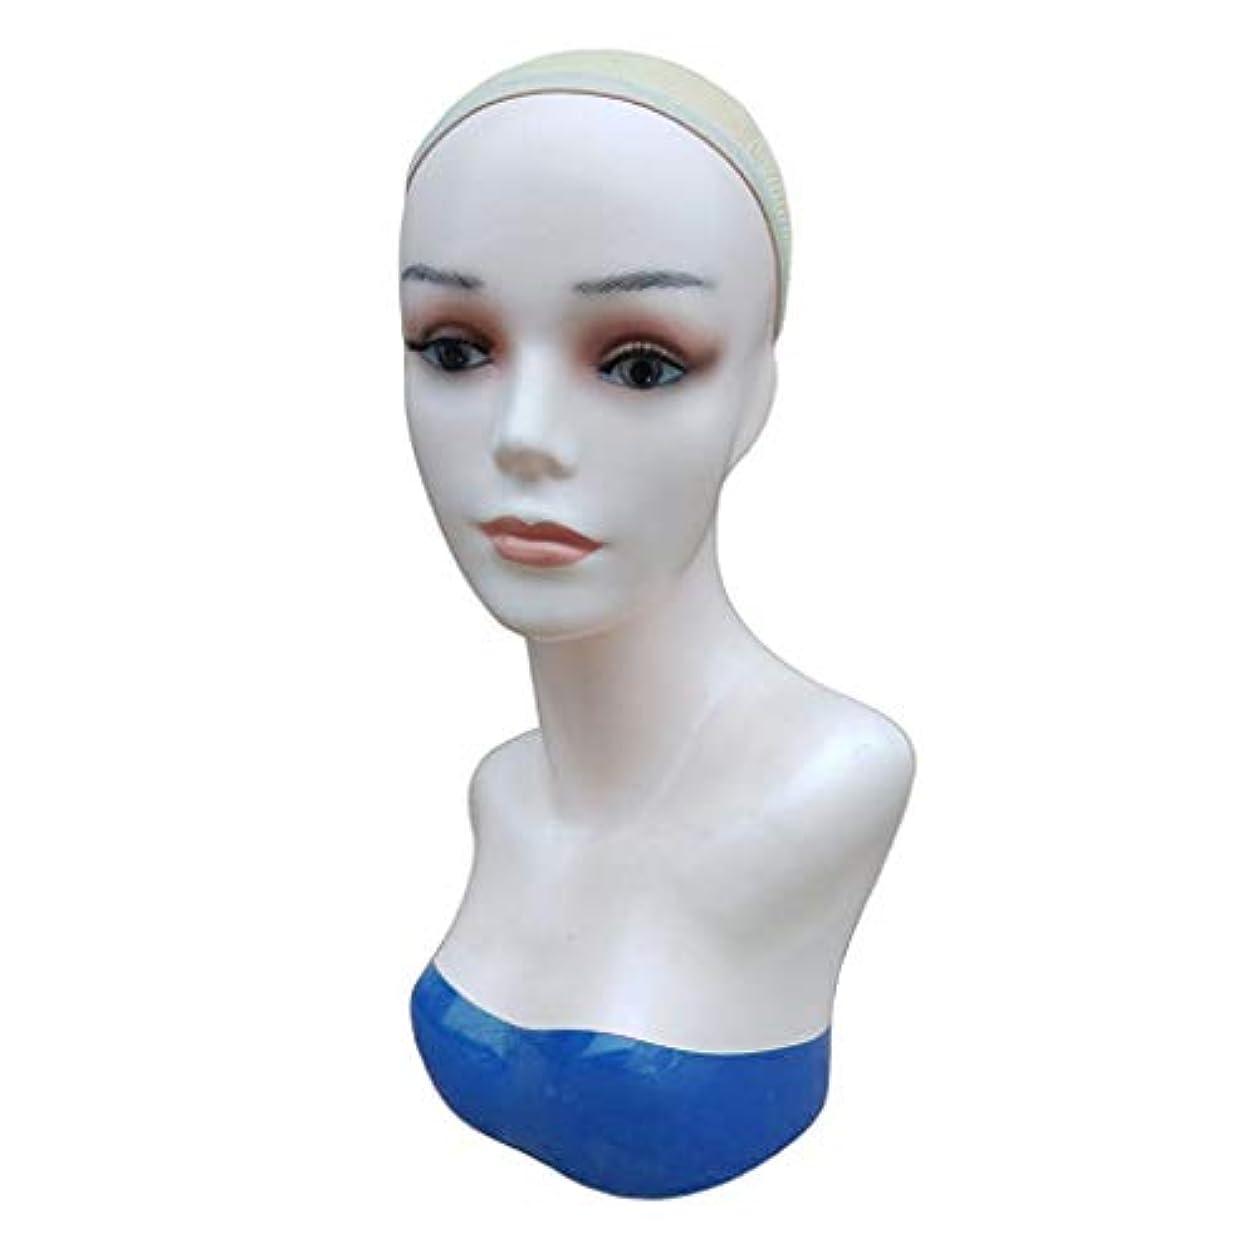 寄託過言余分なInjoyo マネキンヘッド 女性 帽子ハンガー ウィッグスタンド ポータブル ABSプラスチック サロン